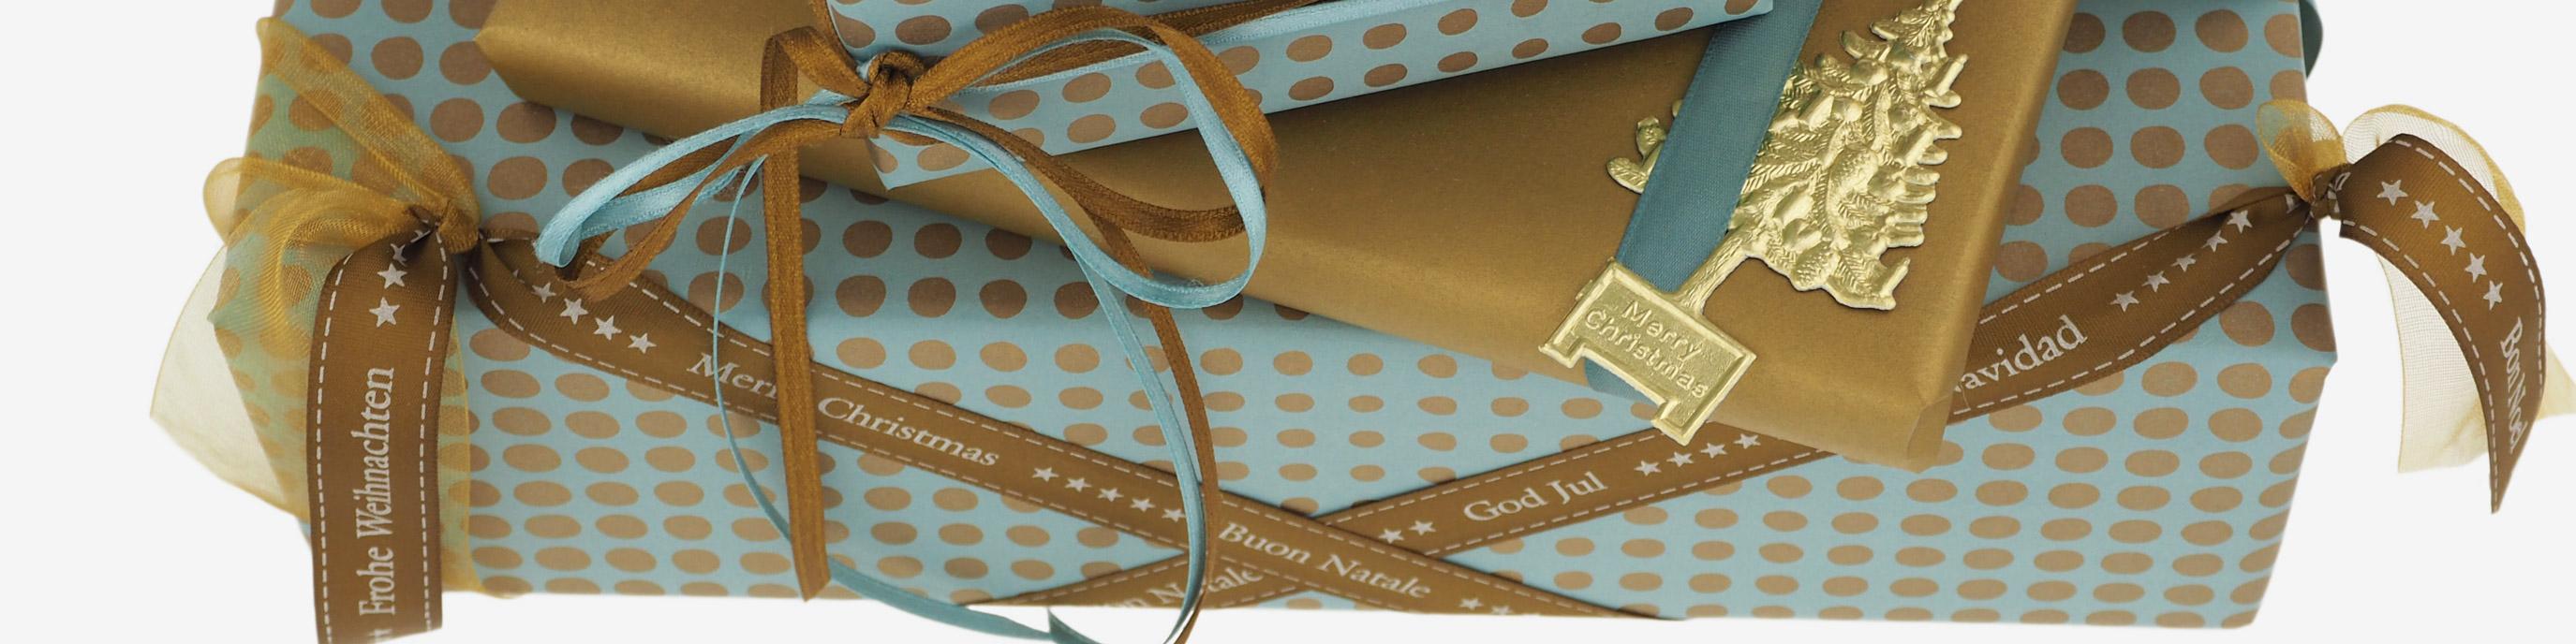 re della carta geschenkpapier geschenkb nder geschenkverpackung. Black Bedroom Furniture Sets. Home Design Ideas